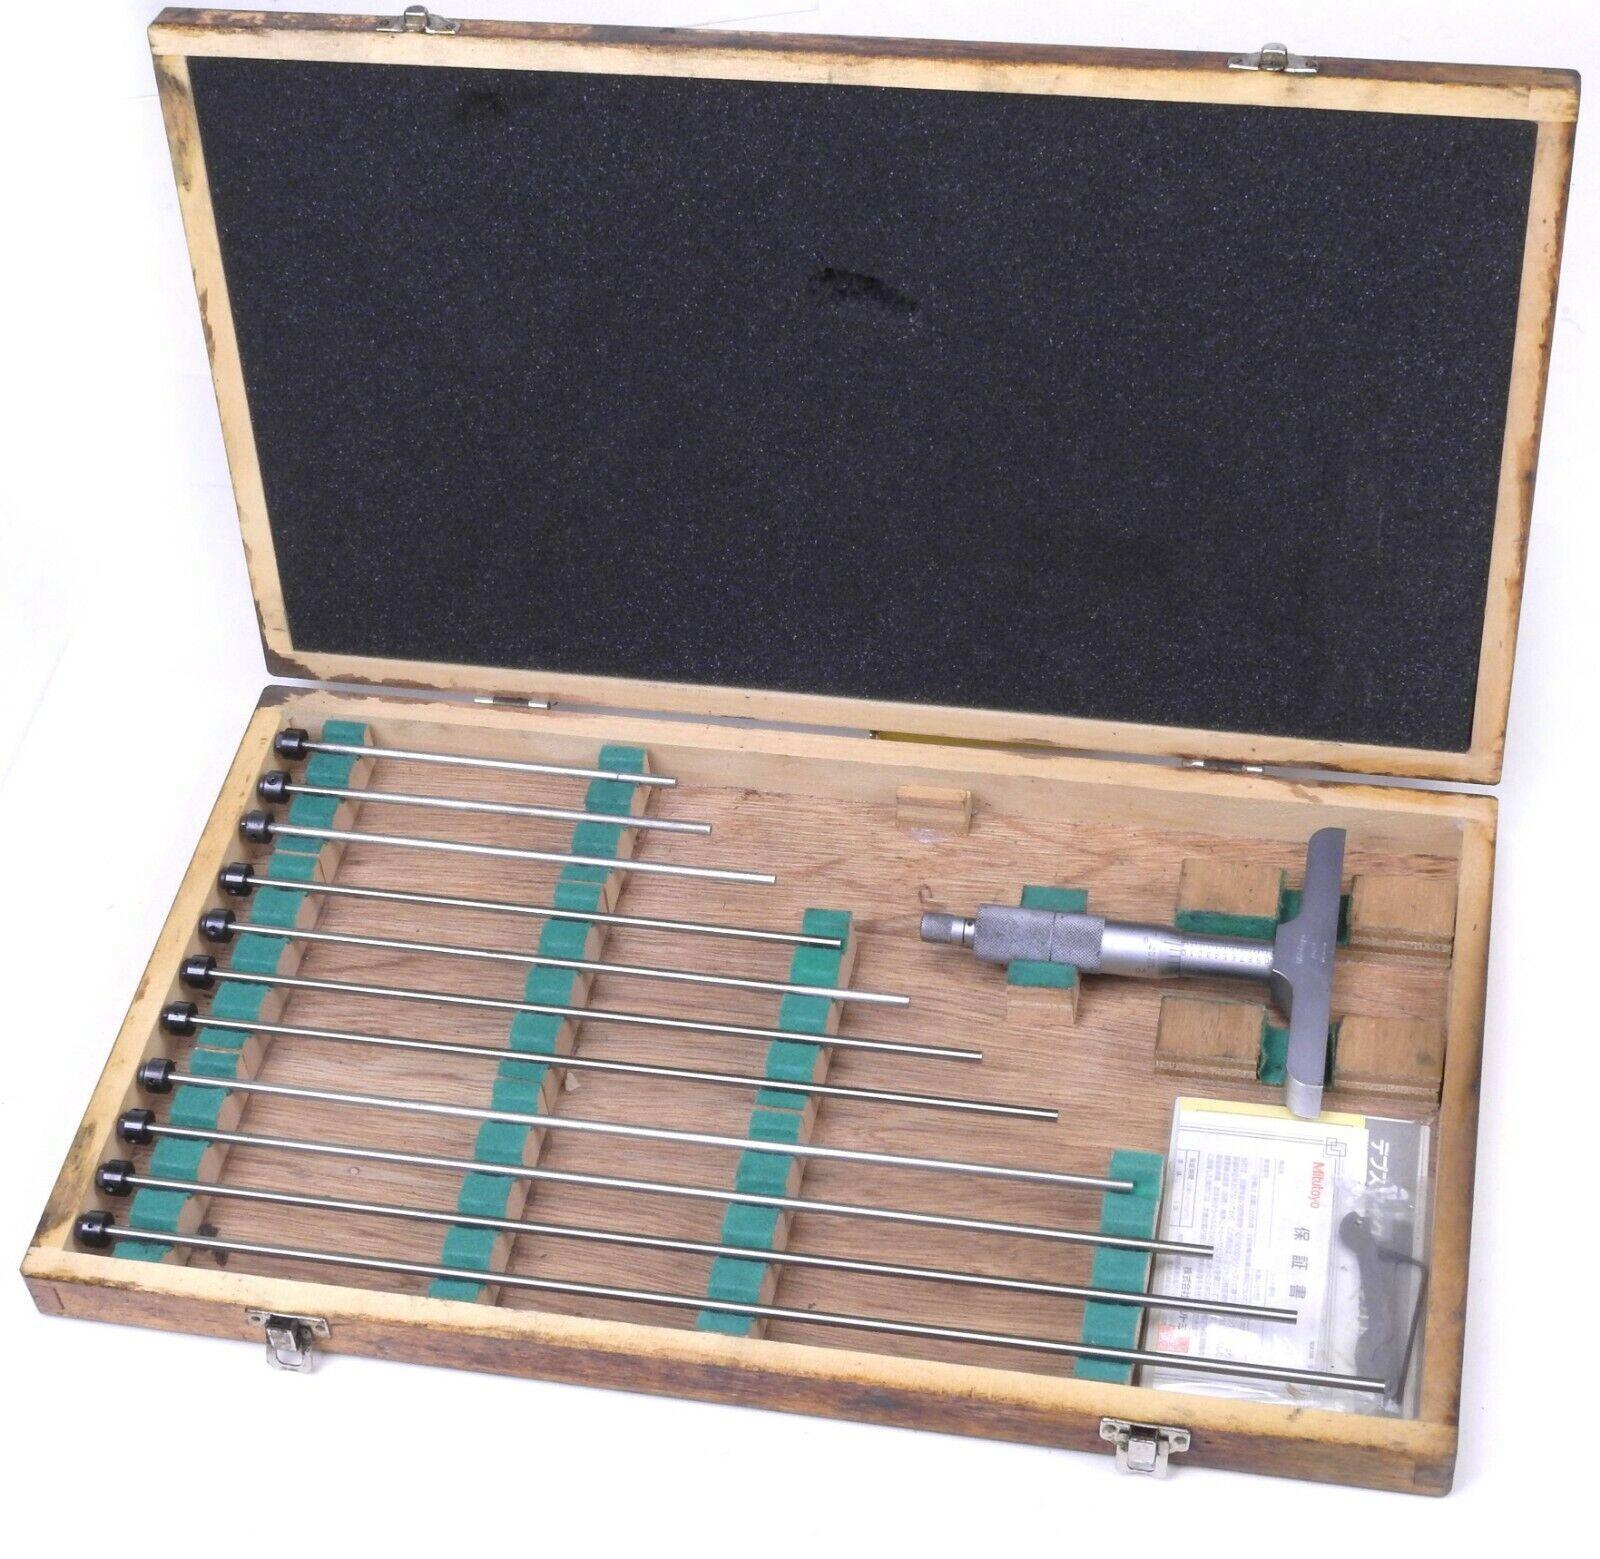 Mitutoyo 129-150 Depth Micrometer